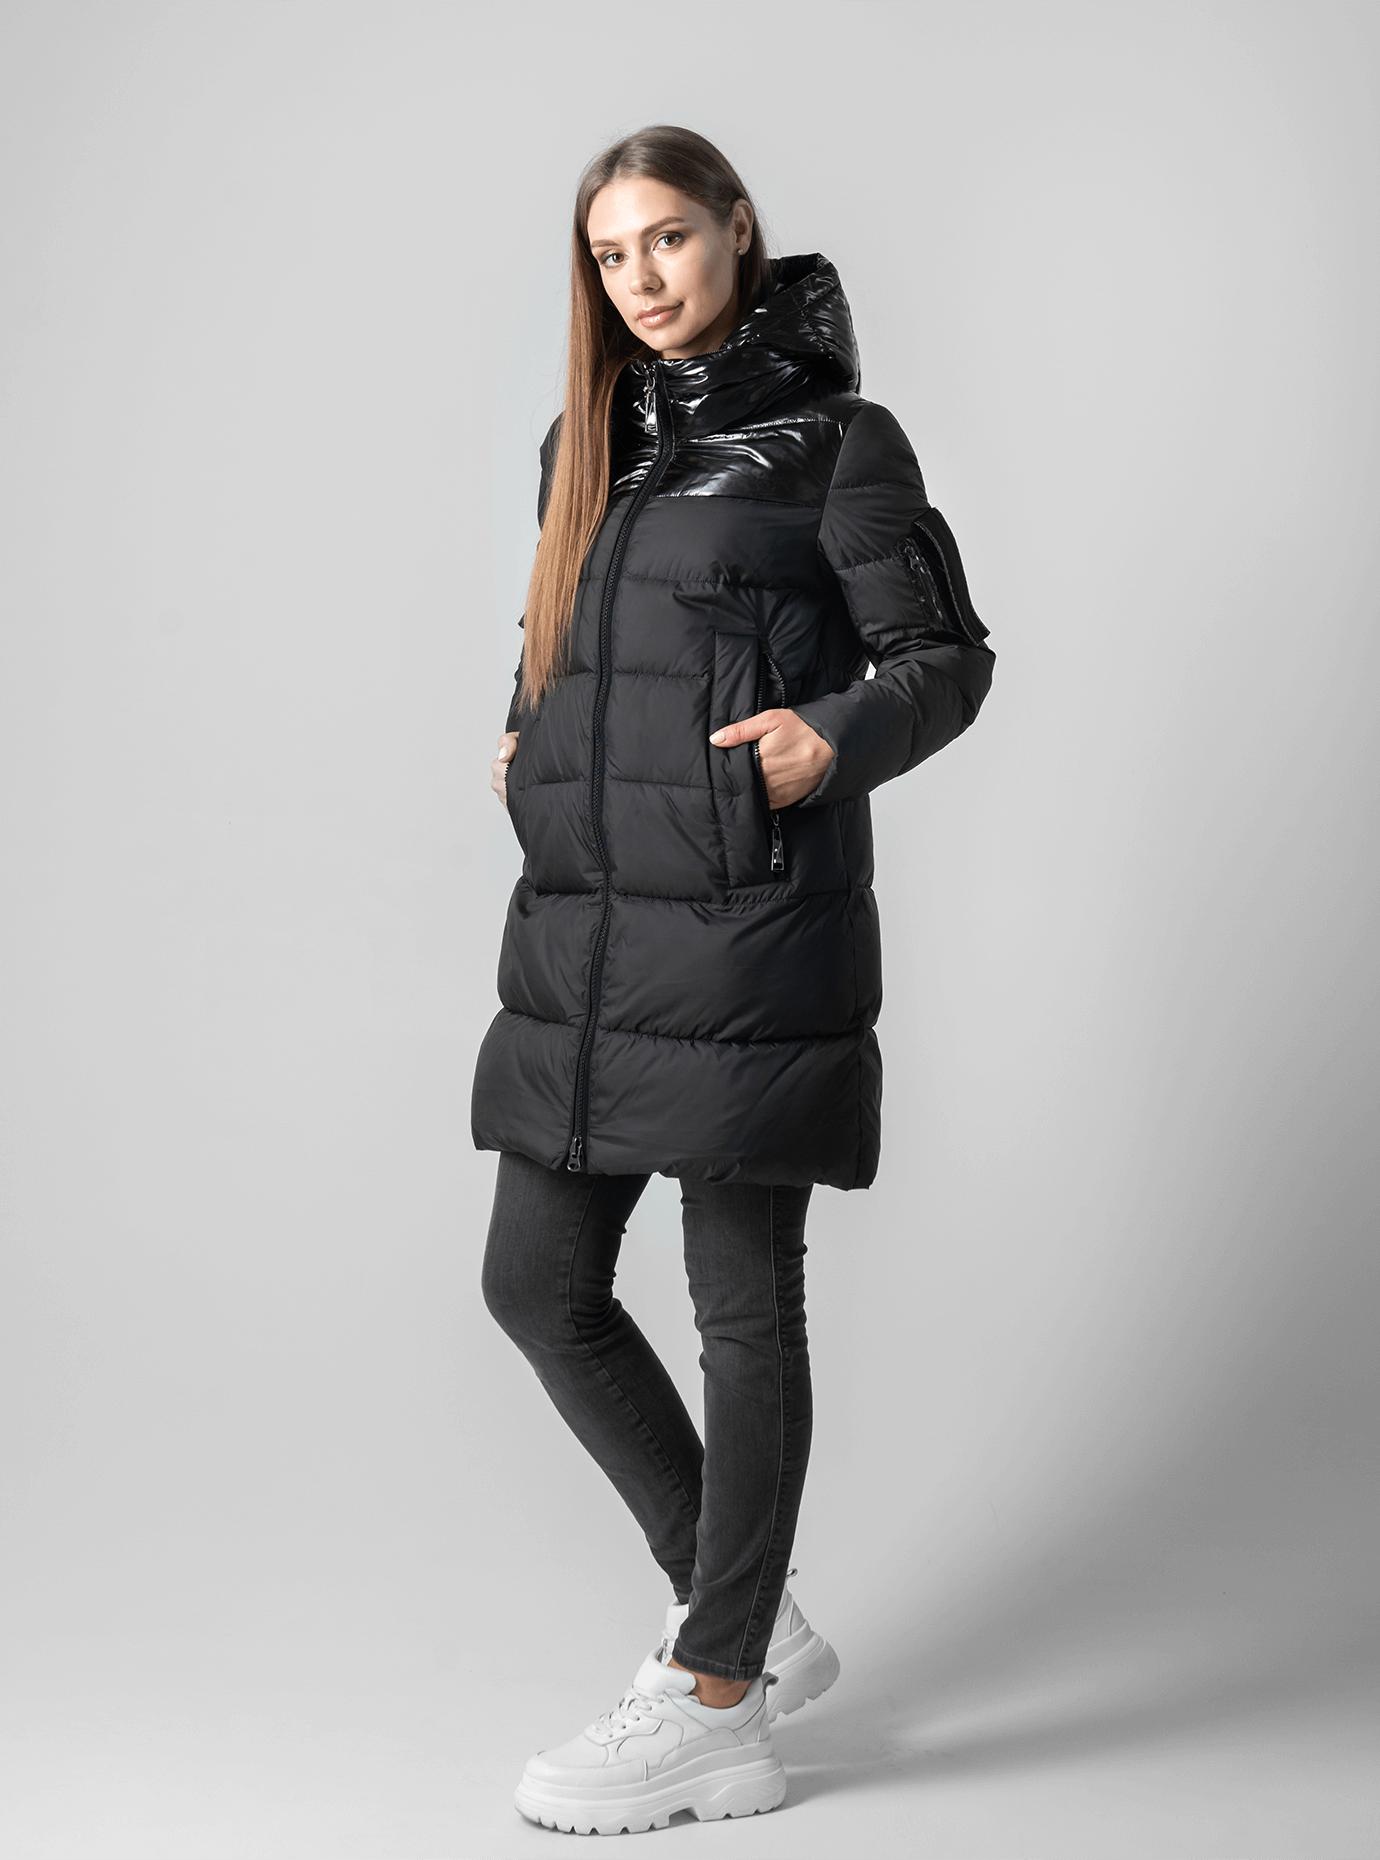 Пуховик женский с капюшоном Чёрный XL (02-4610): фото - Alster.ua